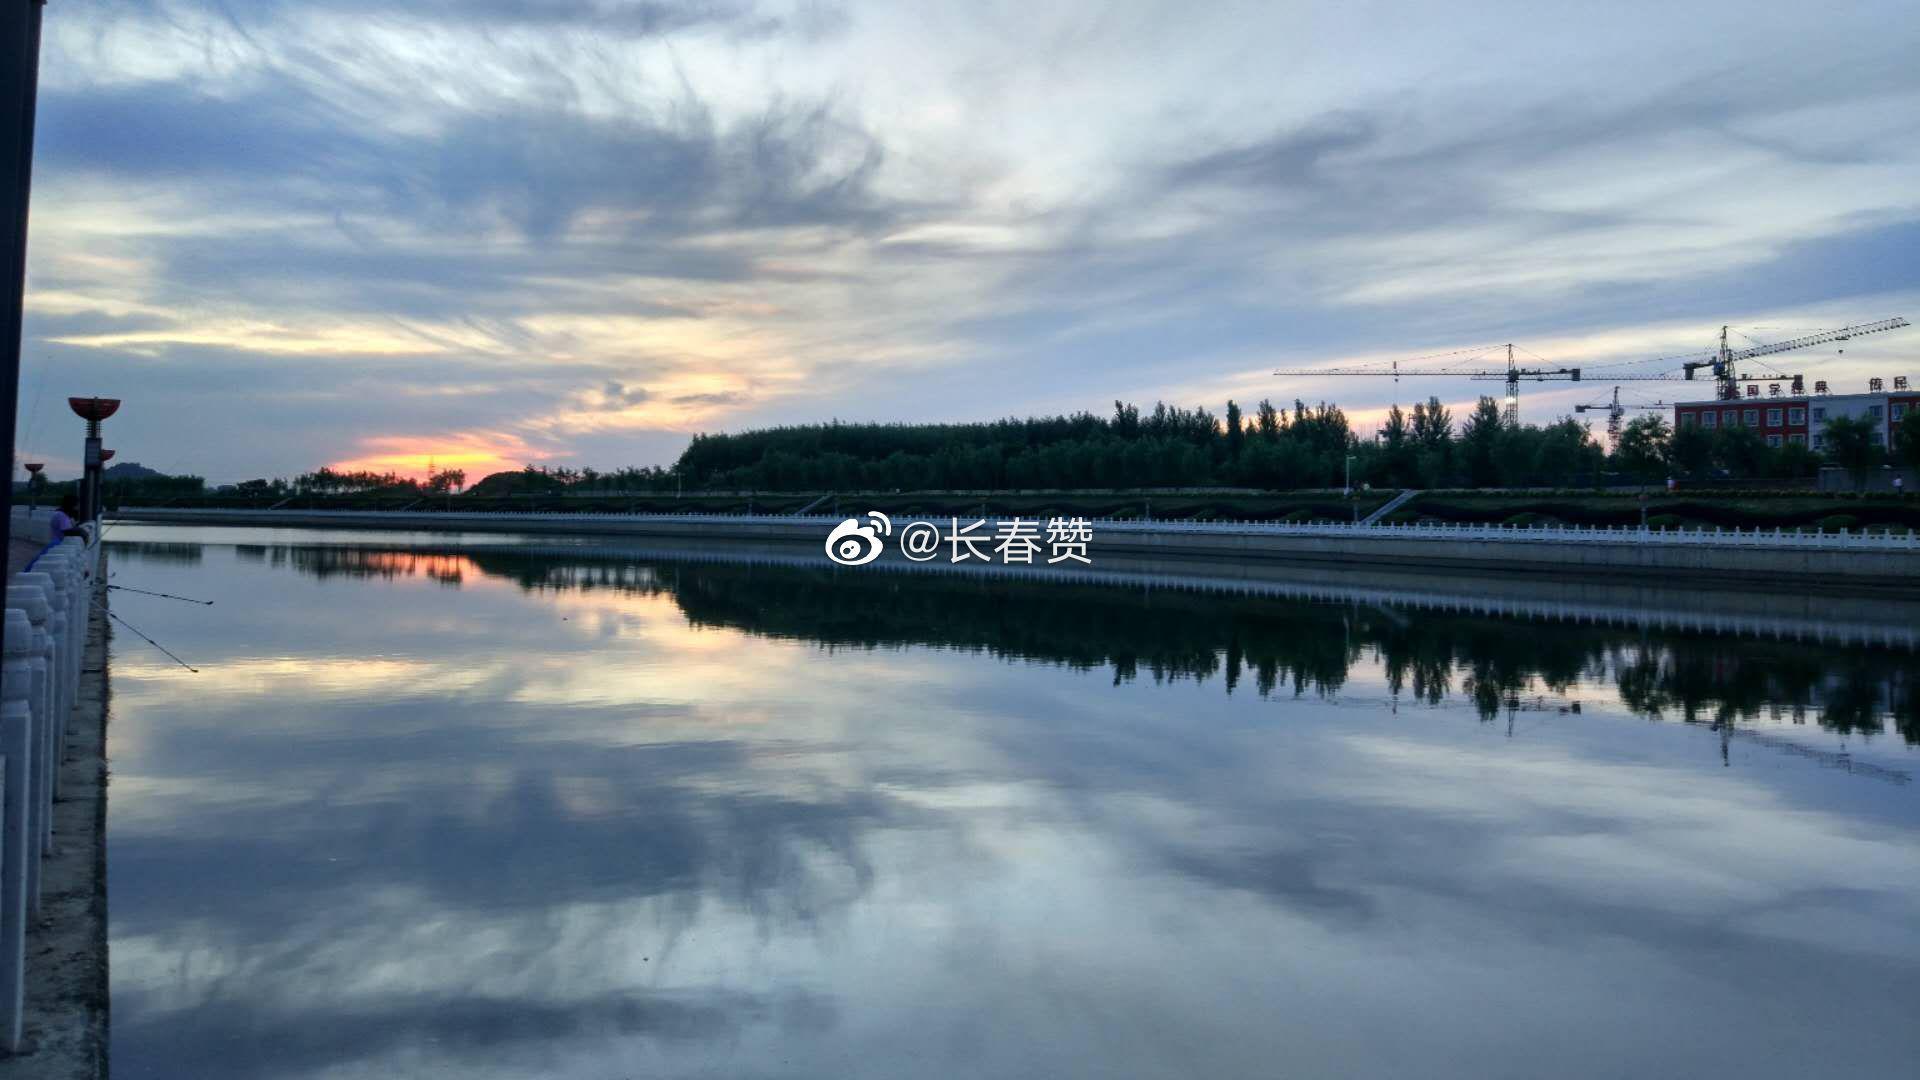 名称:2010年以来的伊通满族自治县.